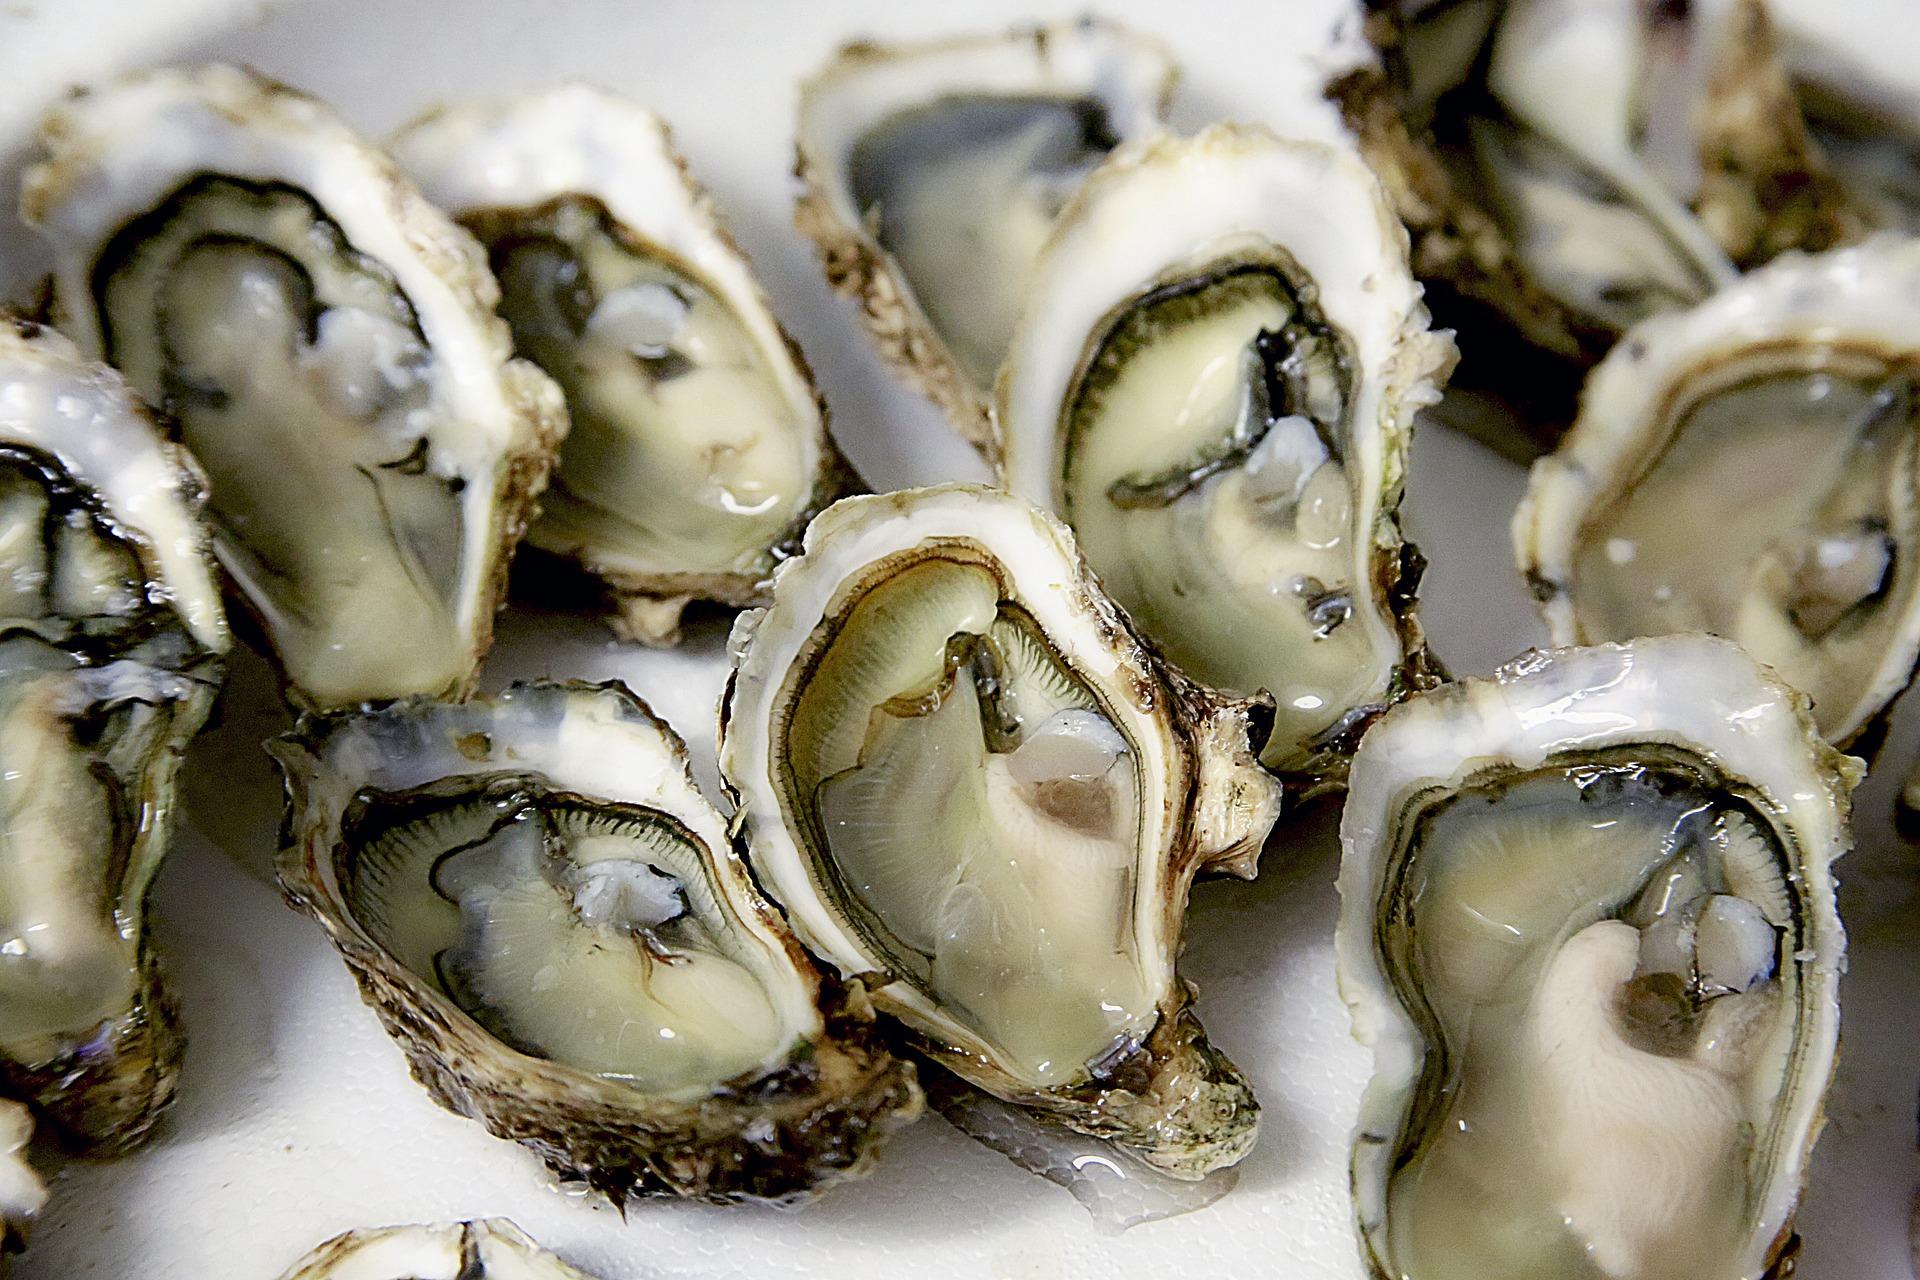 Comment bien choisir ses huîtres? 3